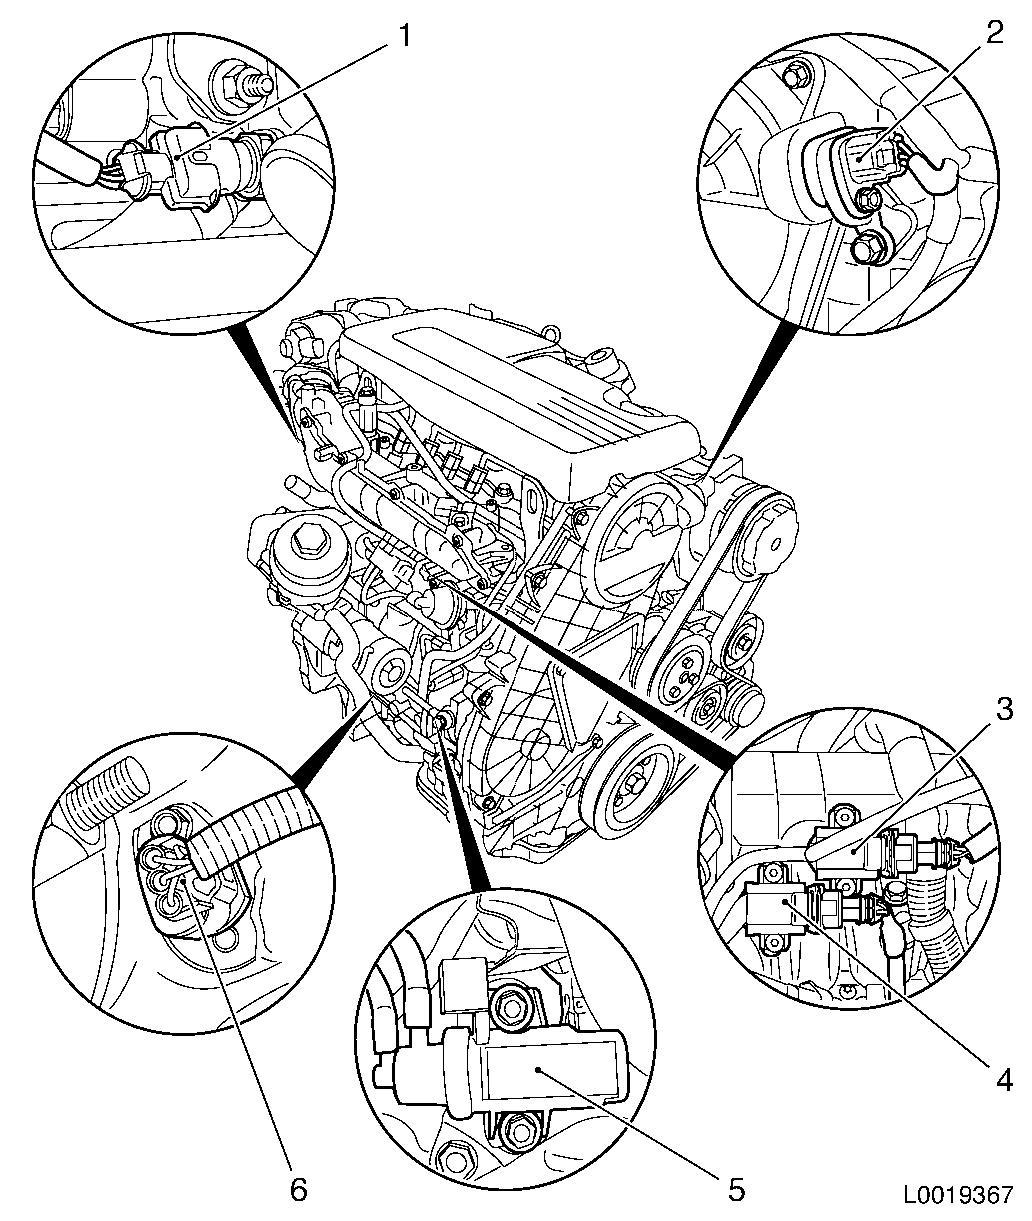 vauxhall workshop manuals  u0026gt  astra h  u0026gt  j engine and engine aggregates  u0026gt  dohc diesel engine